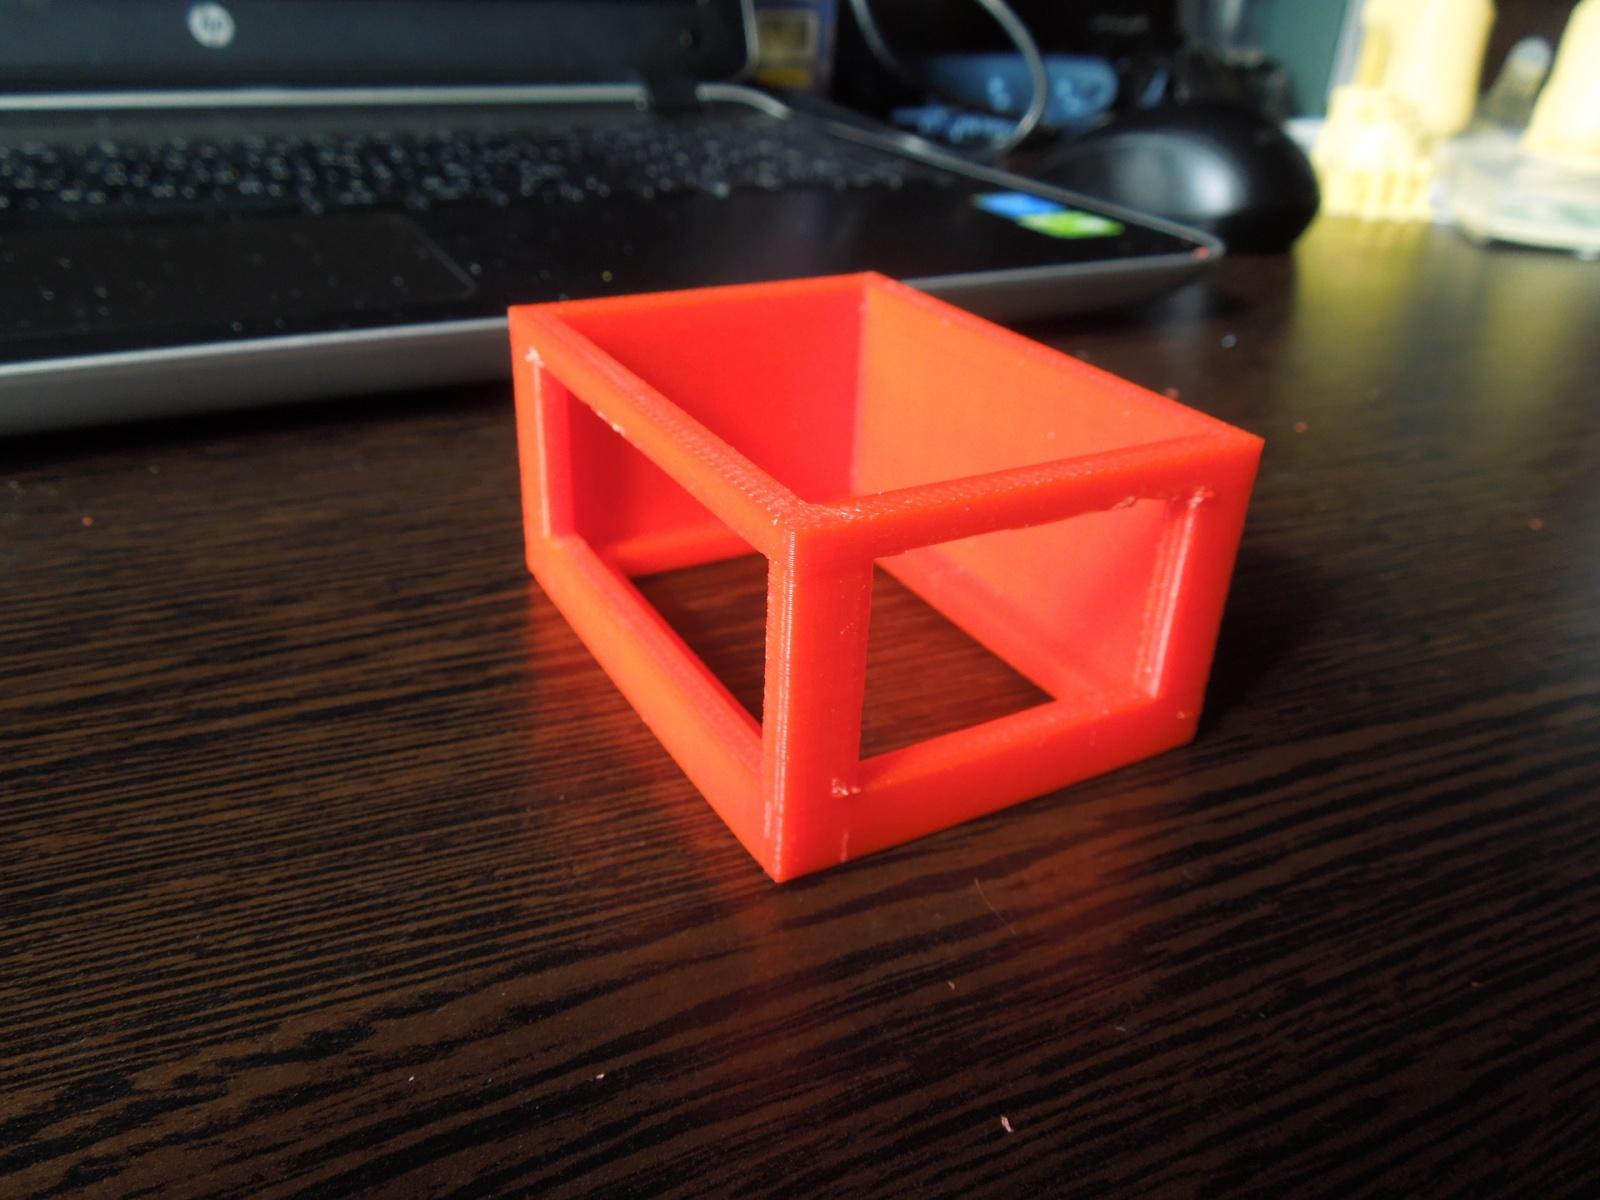 Обзор домашнего бюджетного 3D-принтера UP! mini - 10